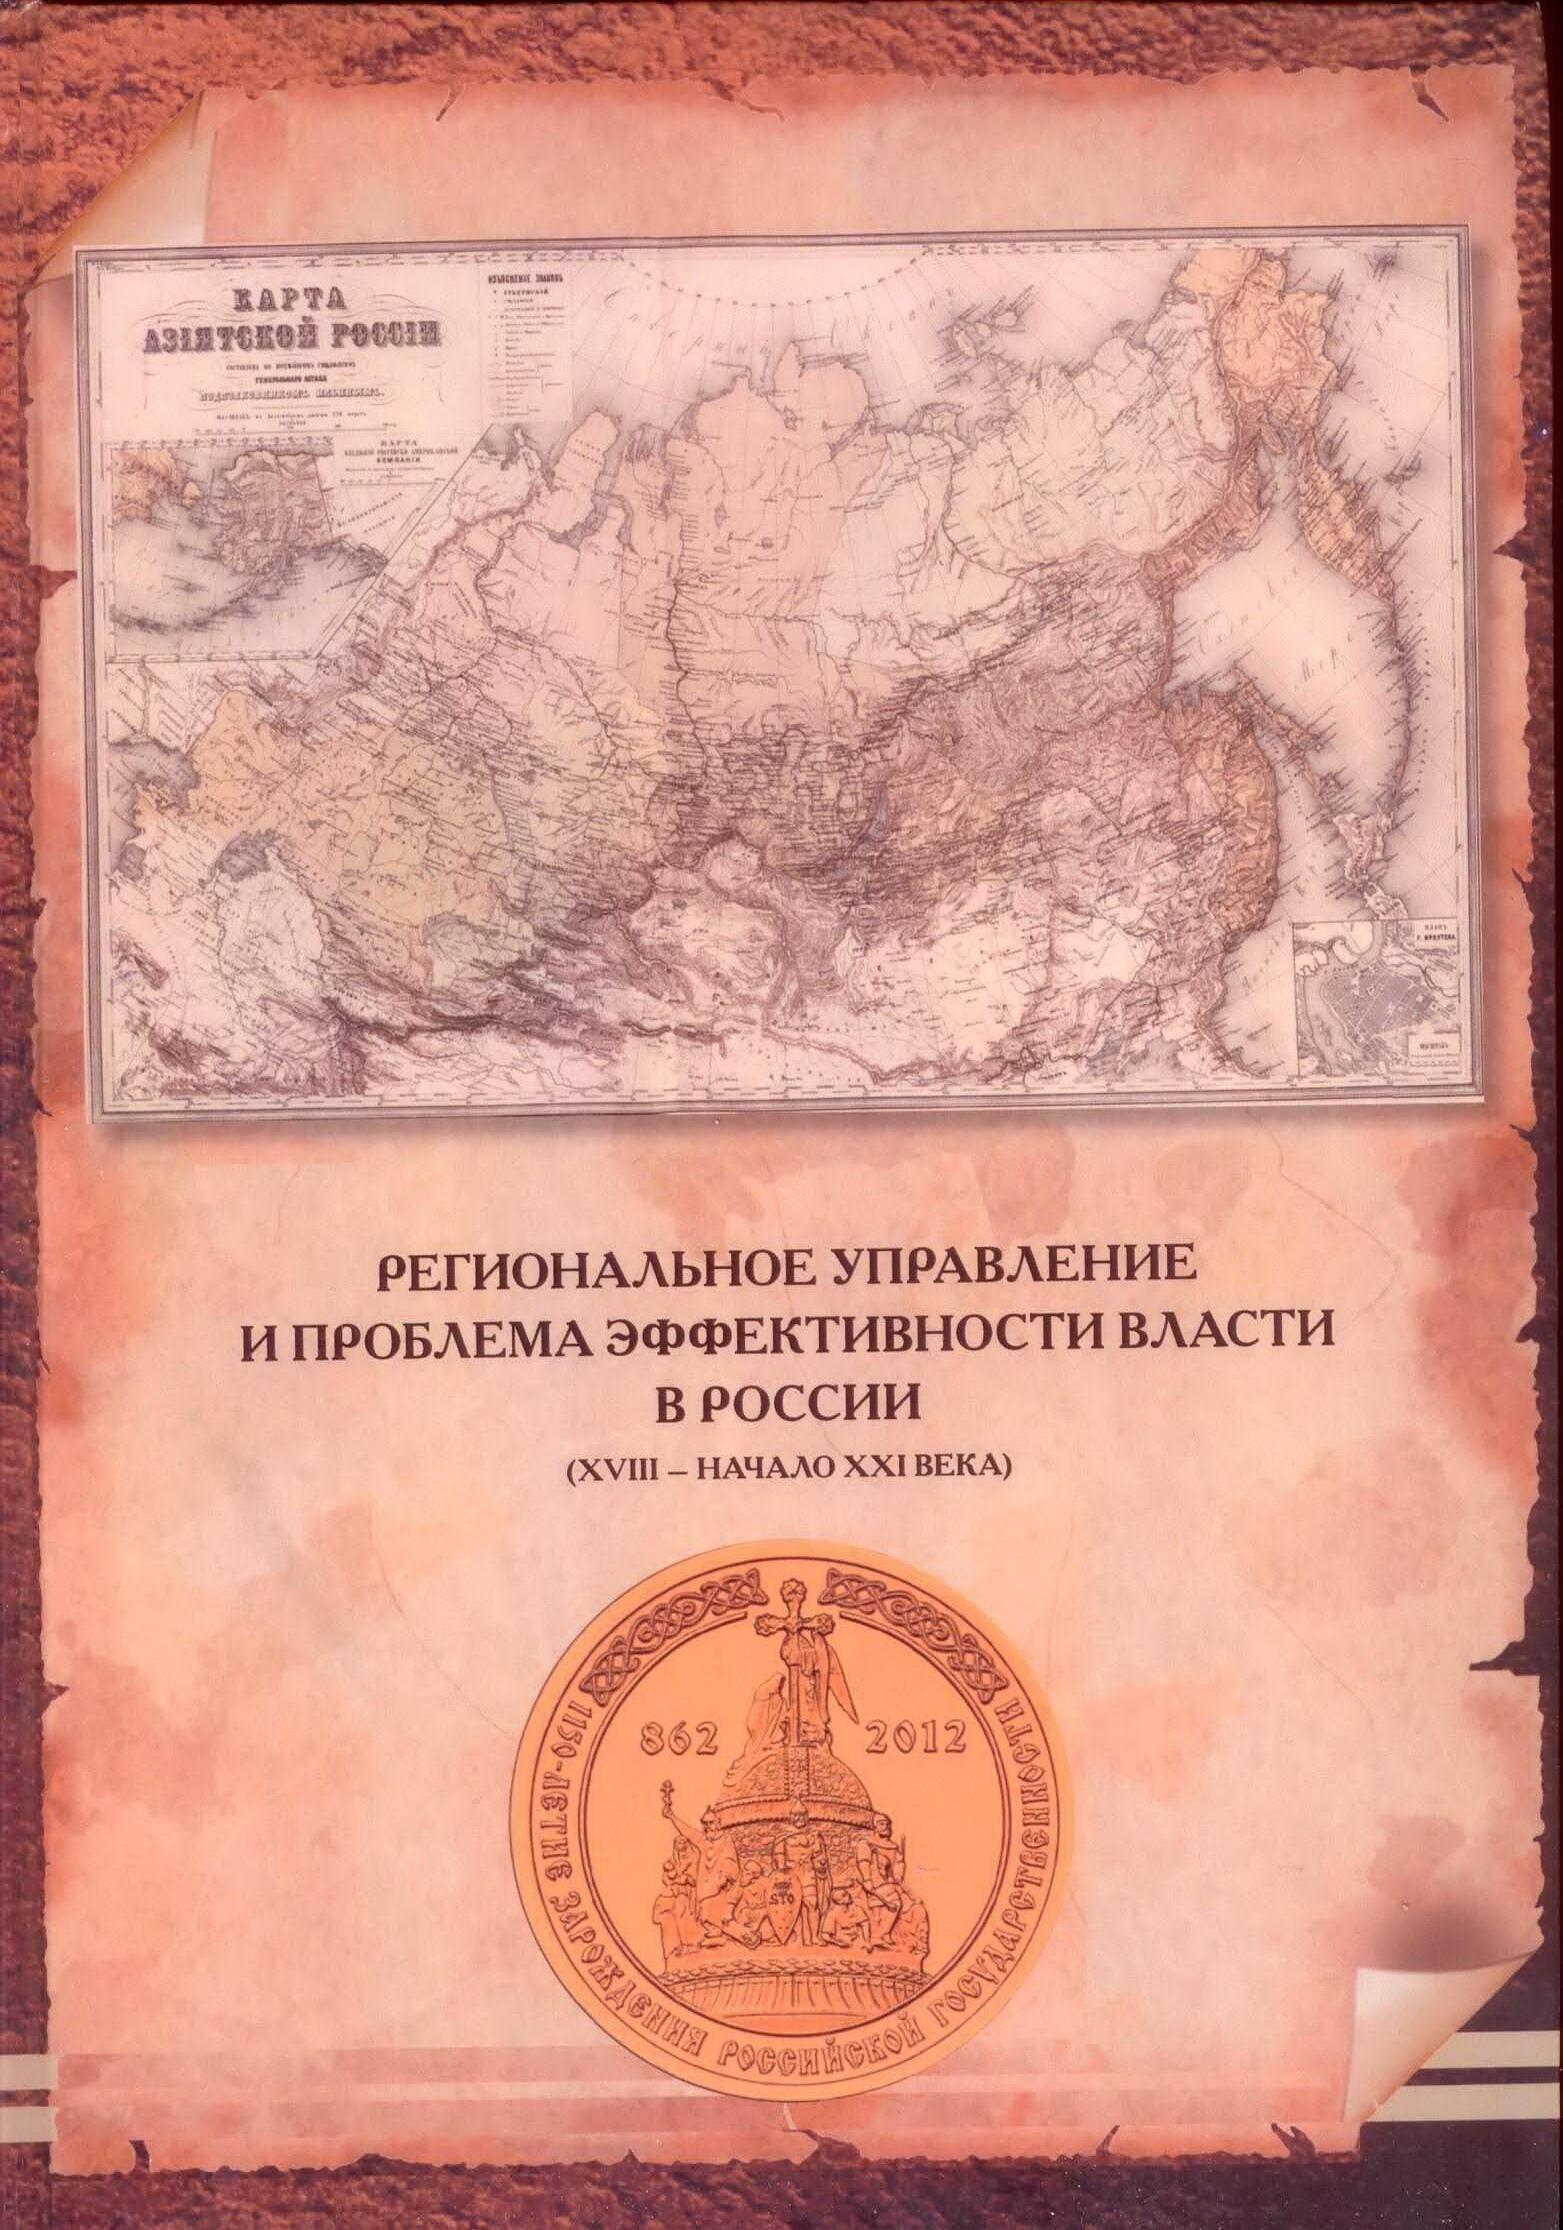 Способы административного контроля за деятельностью губернаторов (первая половина XIX века)